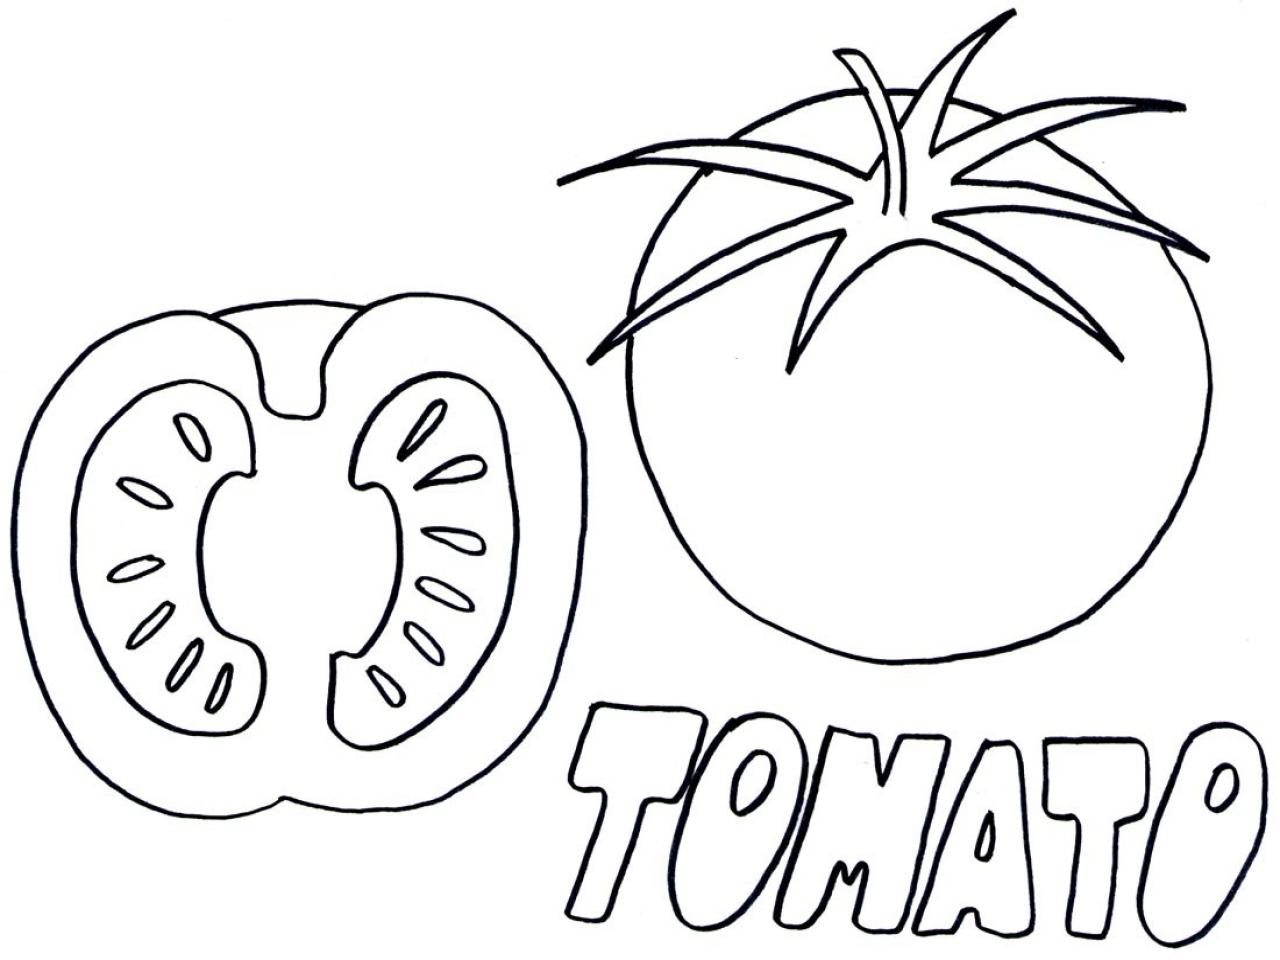 1280x960 Tomato Coloring Page Coloringpagehub